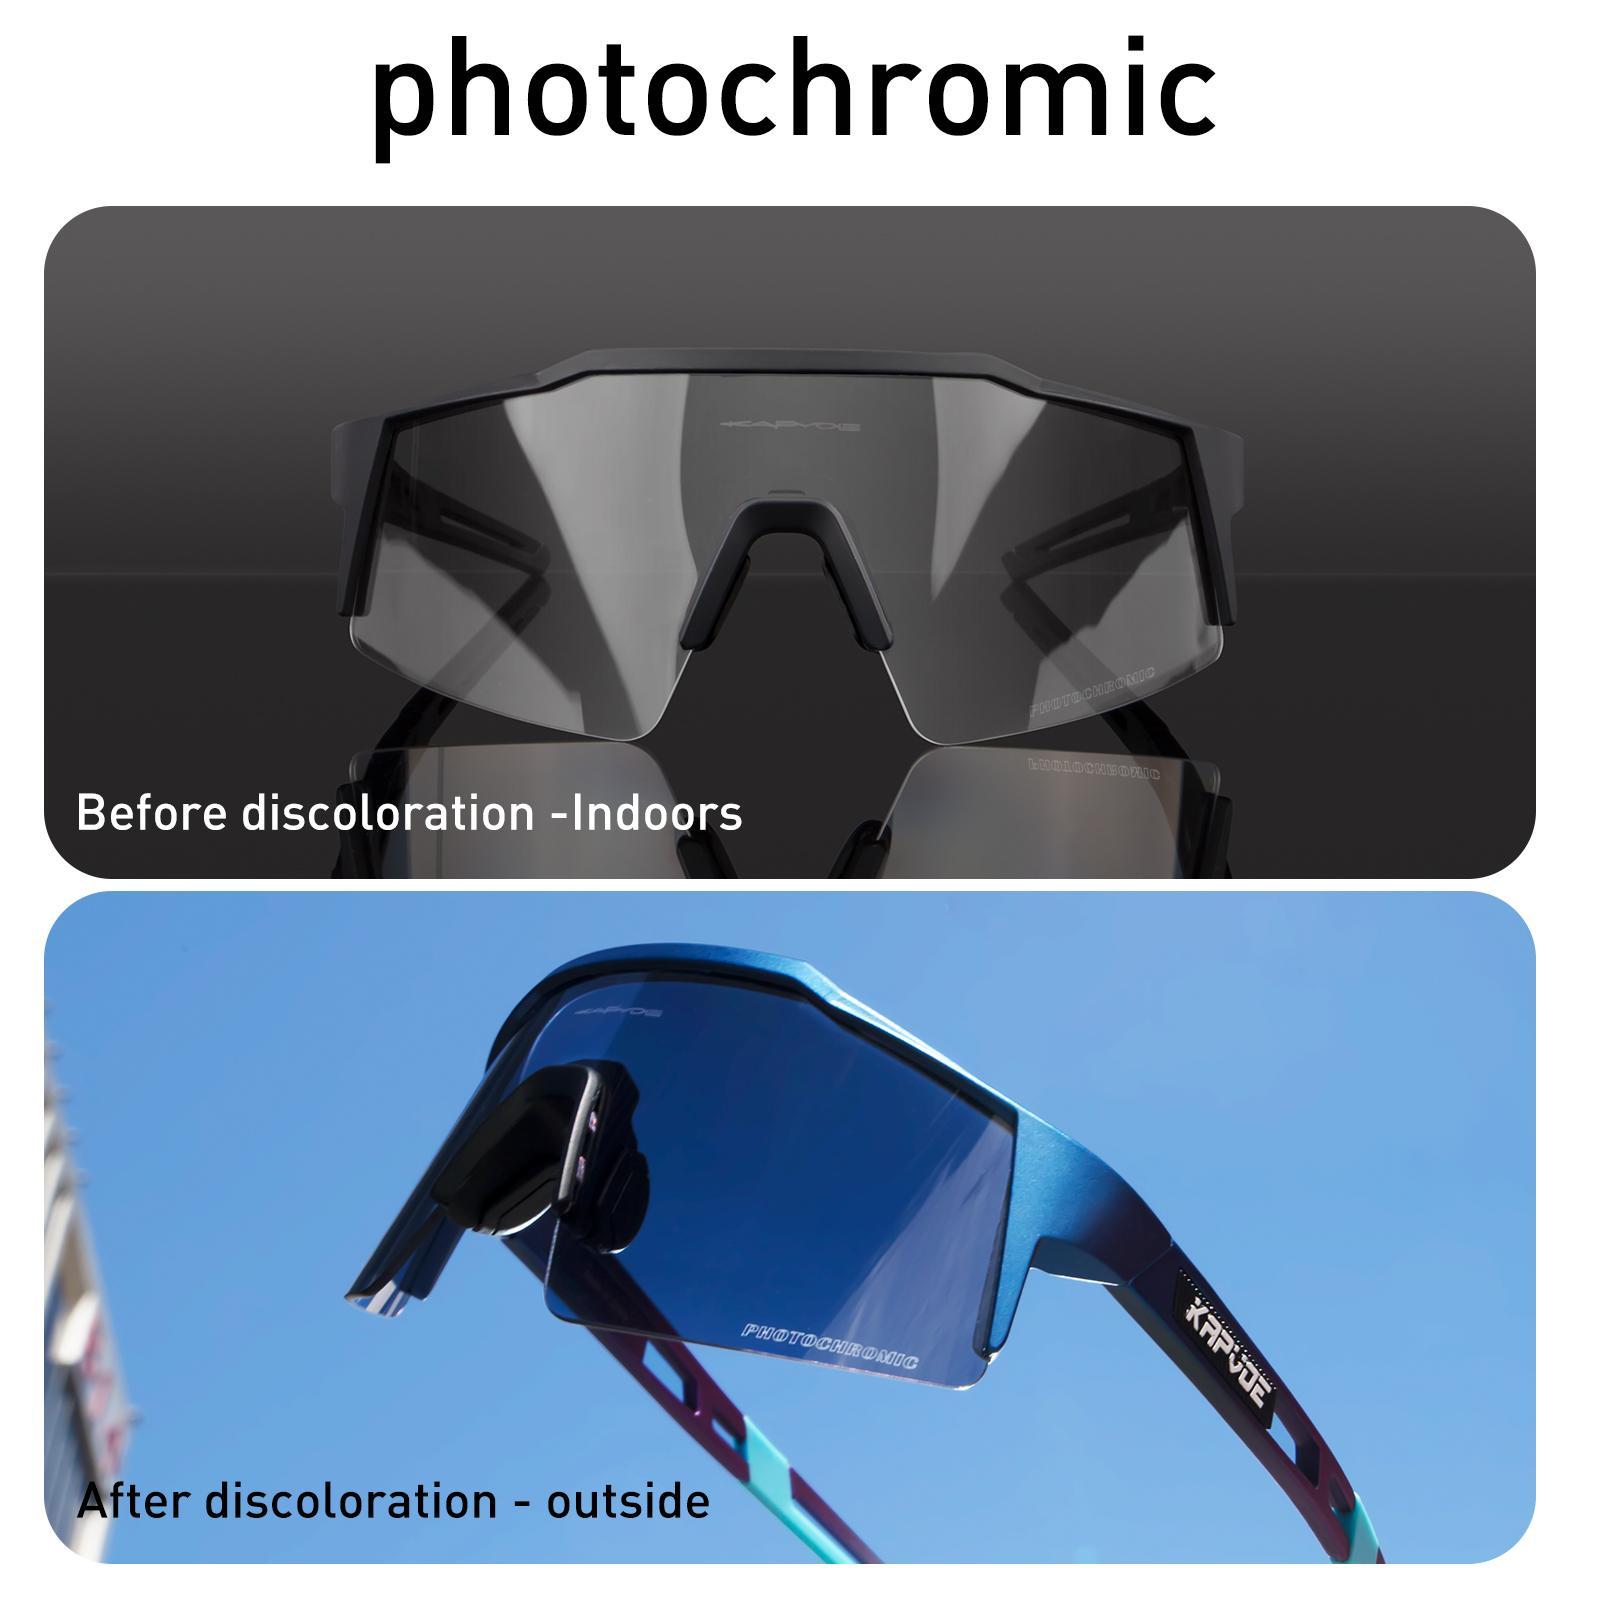 2020 Новые фотохромные Спорт Велоспорт Очки для велосипедов Горный Велосипед Люди Велоспорт Солнцезащитные очки UV400 Очки MTB Солнцезащитные очки Велосипедные очки Q0119